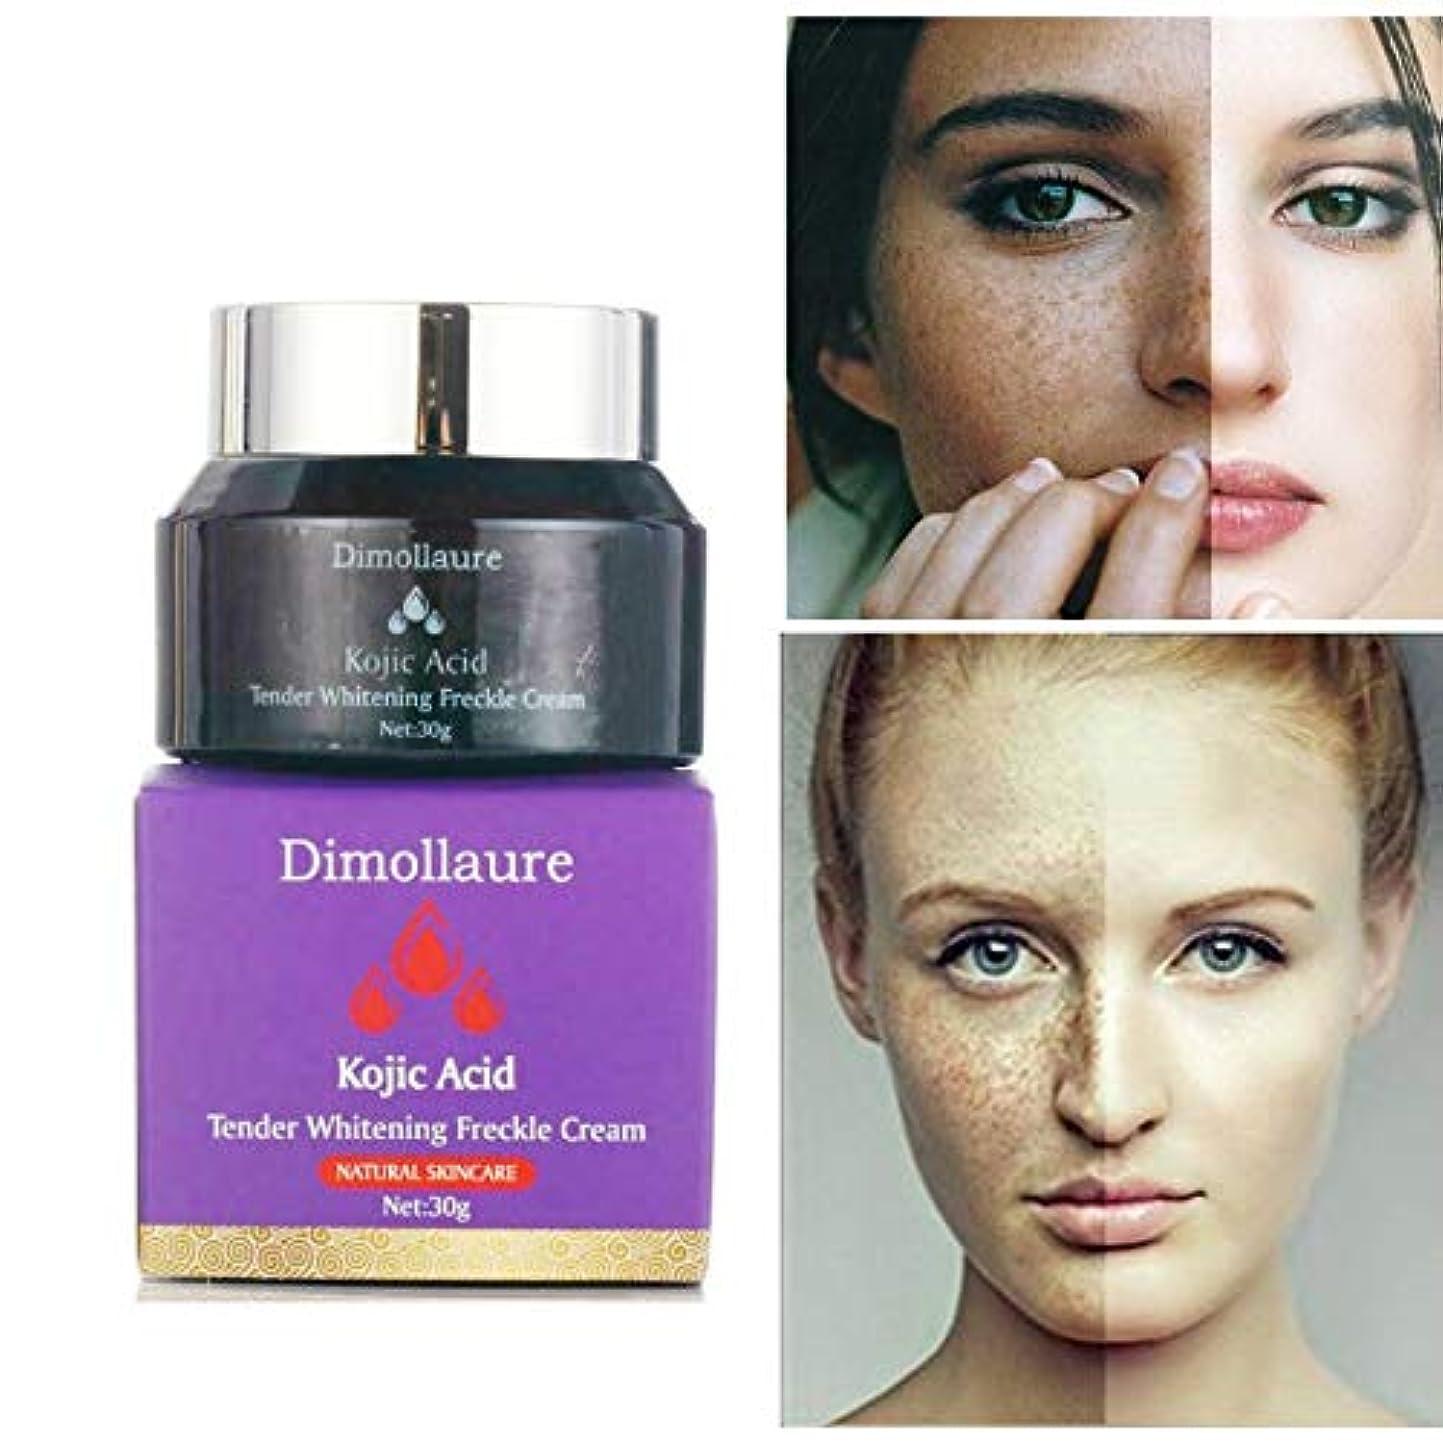 支配的バリケード有毒なDimollaureコウジ寧フェードクリーム色素メラニン除去シミそばかす肝斑ダークスポットは、クリームを顔